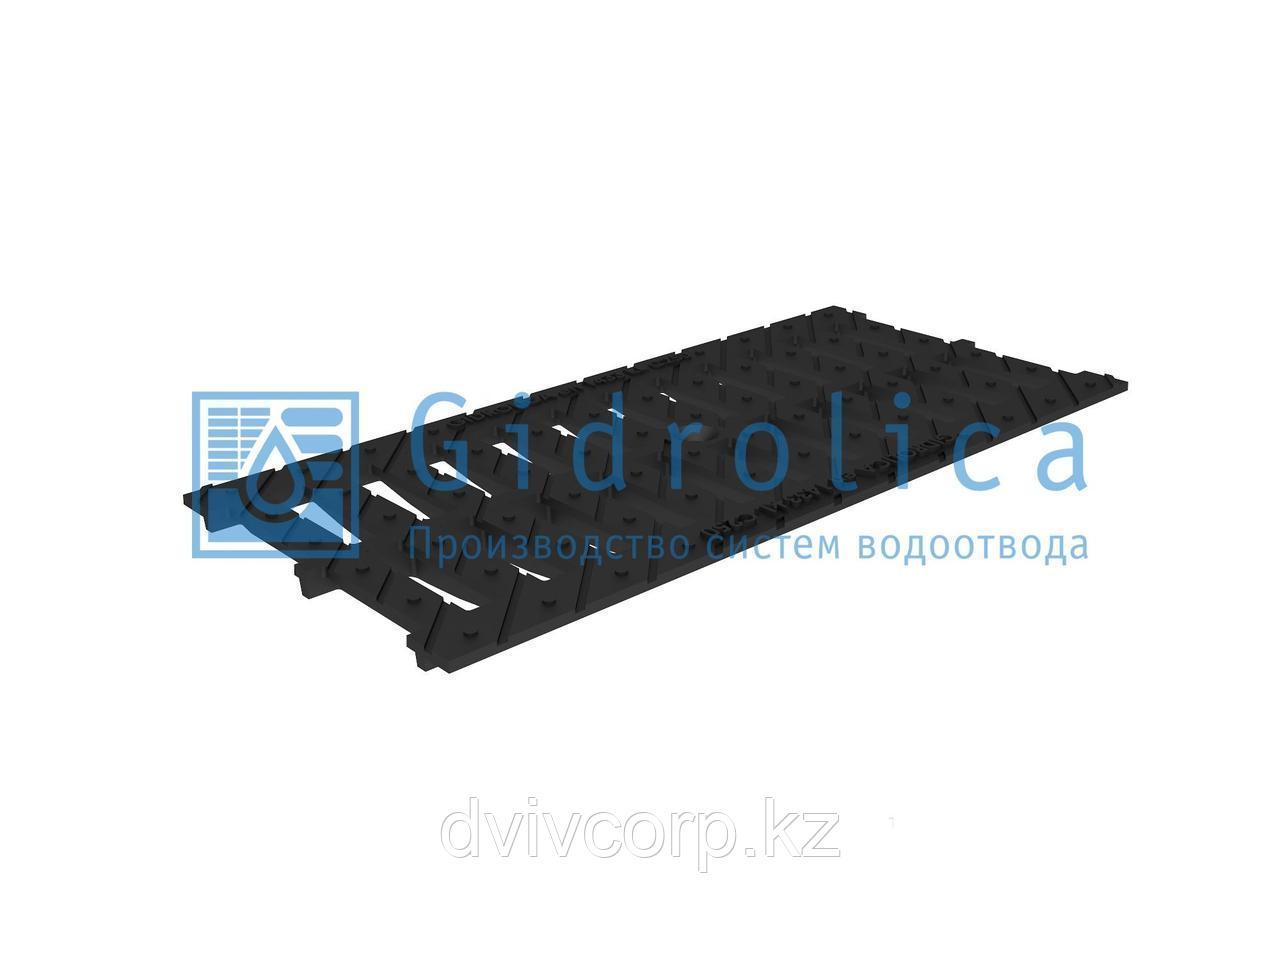 Арт. 524 Решетка водоприемная Gidrolica Standart РВ -20.24.50 - щелевая чугунная ВЧ, кл. С250